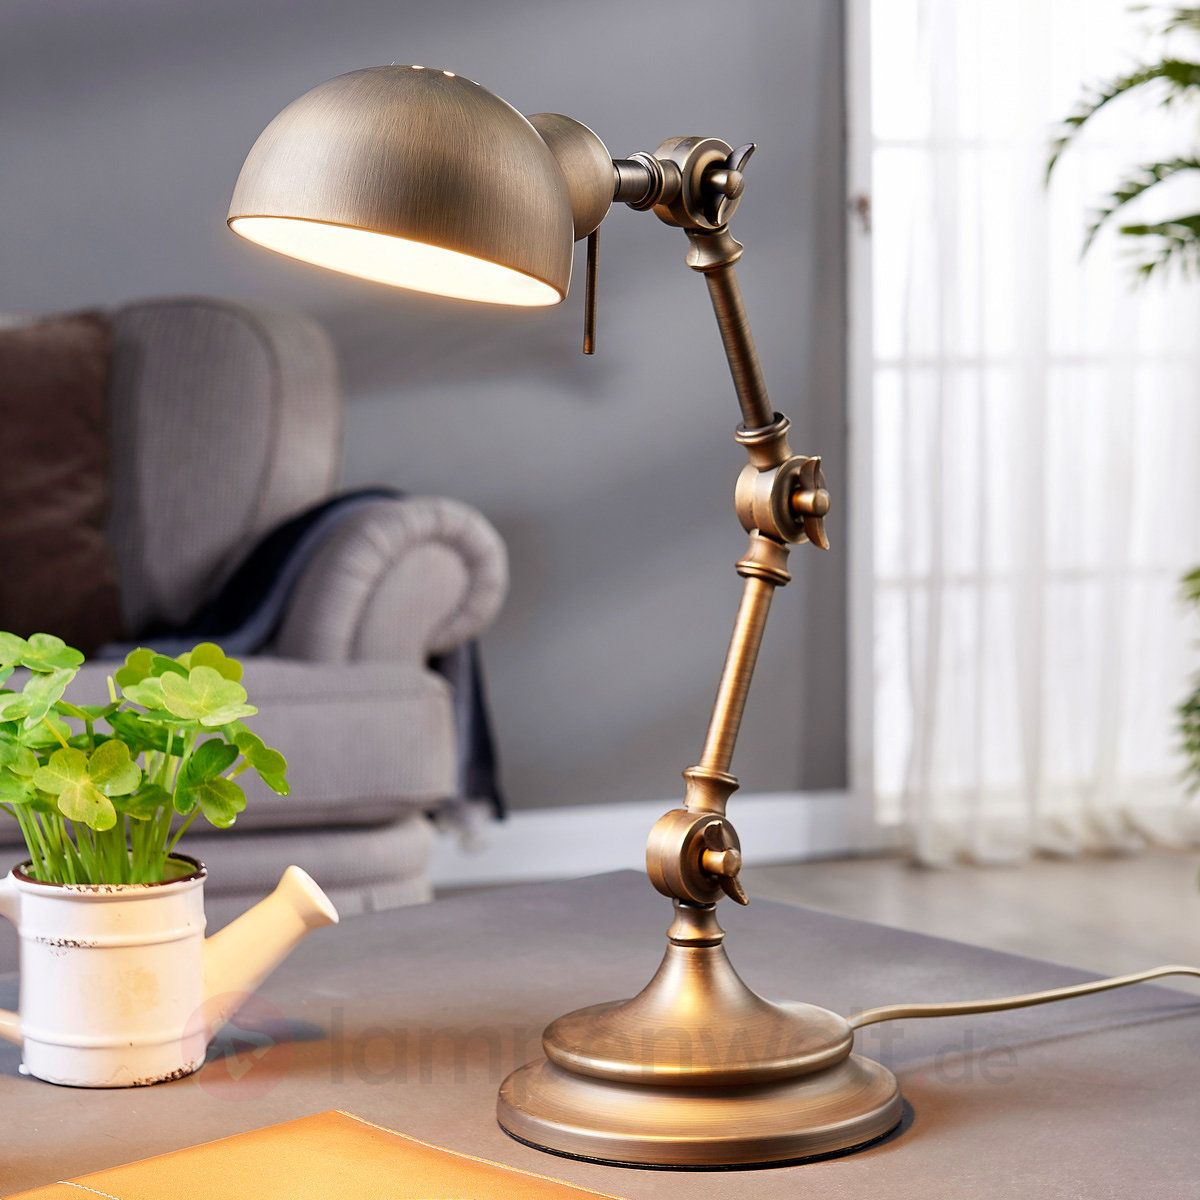 Schreibtischlampe Ellisen In Bronze Und Mit Details Im Industrial Style.  #industrial #vintage #